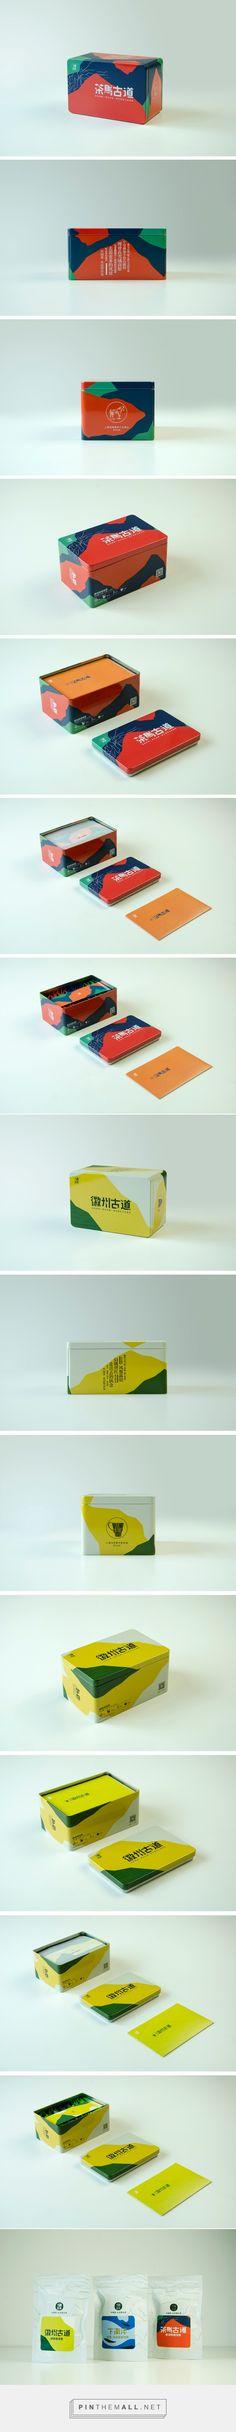 Xiaoman live tea Packaging Series / ZHU CHAO